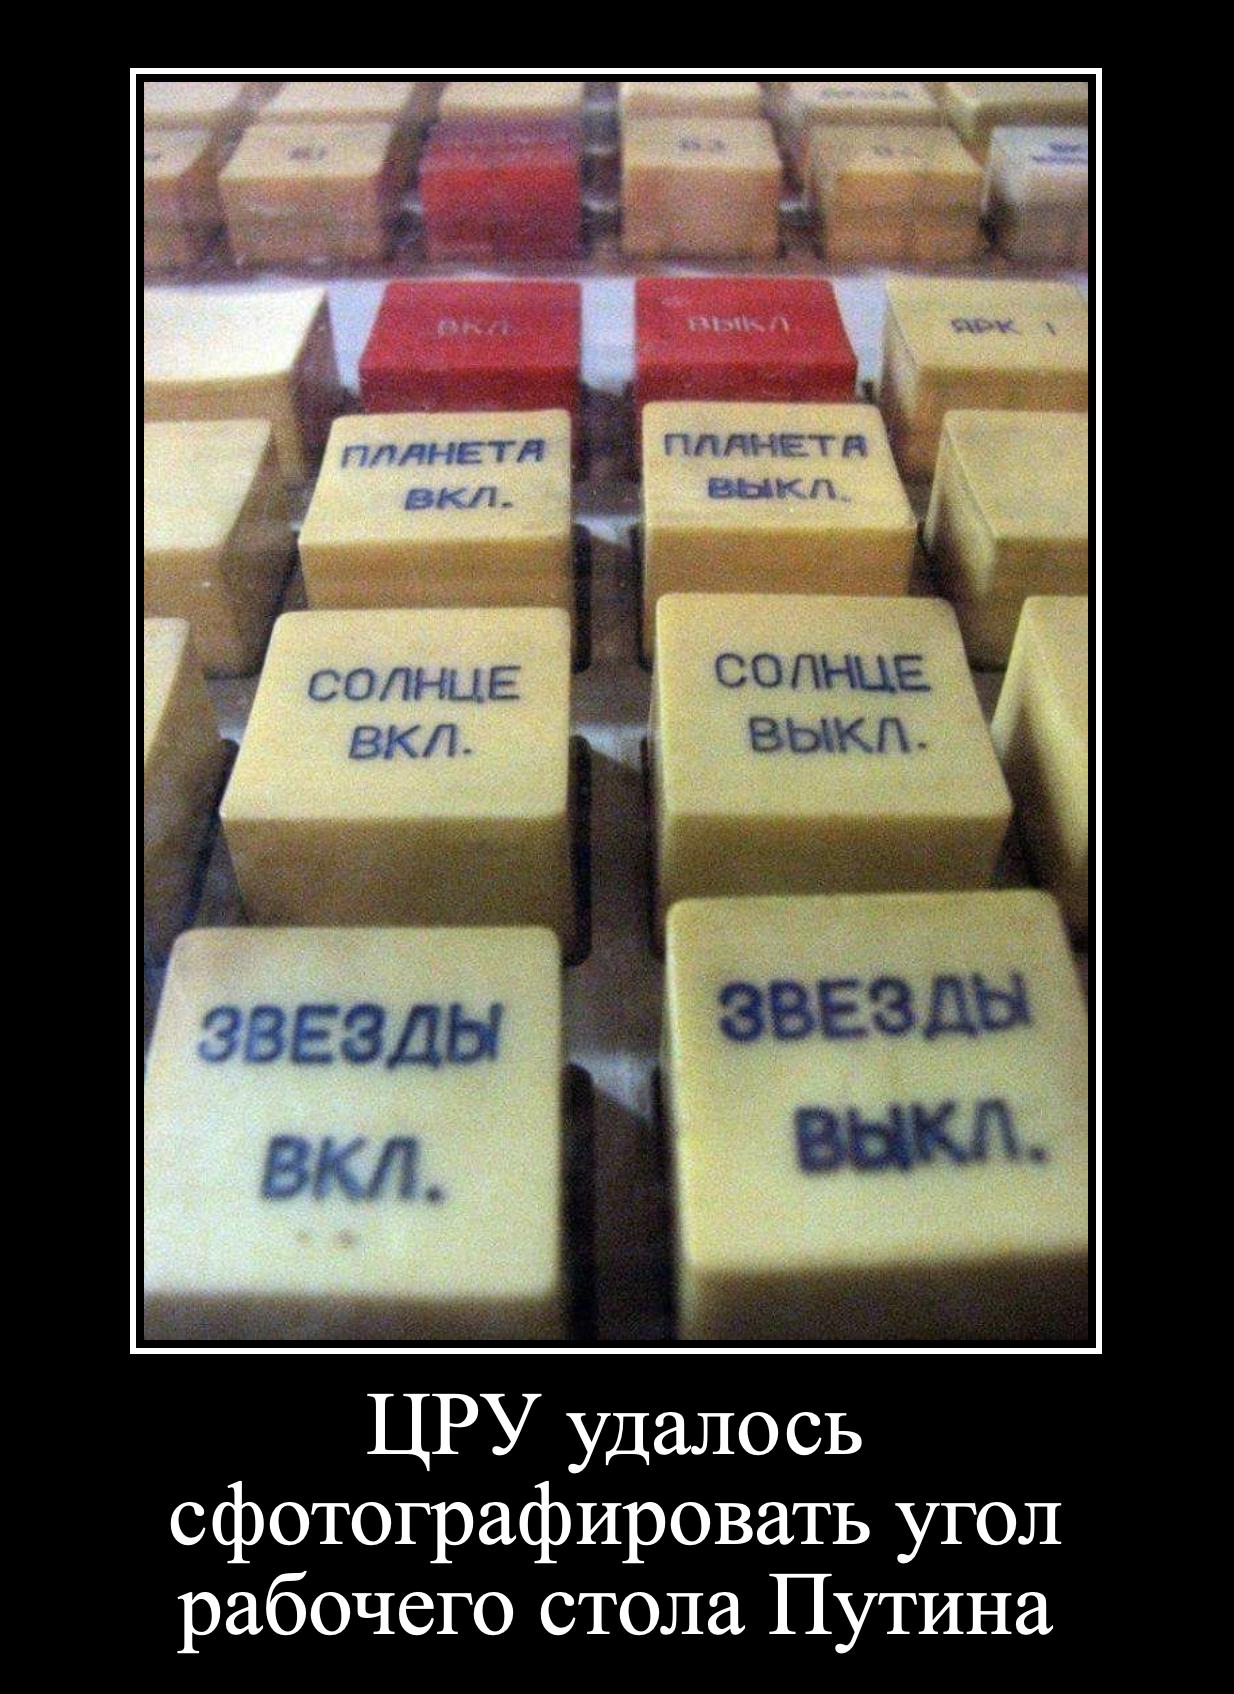 https://ic.pics.livejournal.com/zergulio/14338131/6791216/6791216_original.png